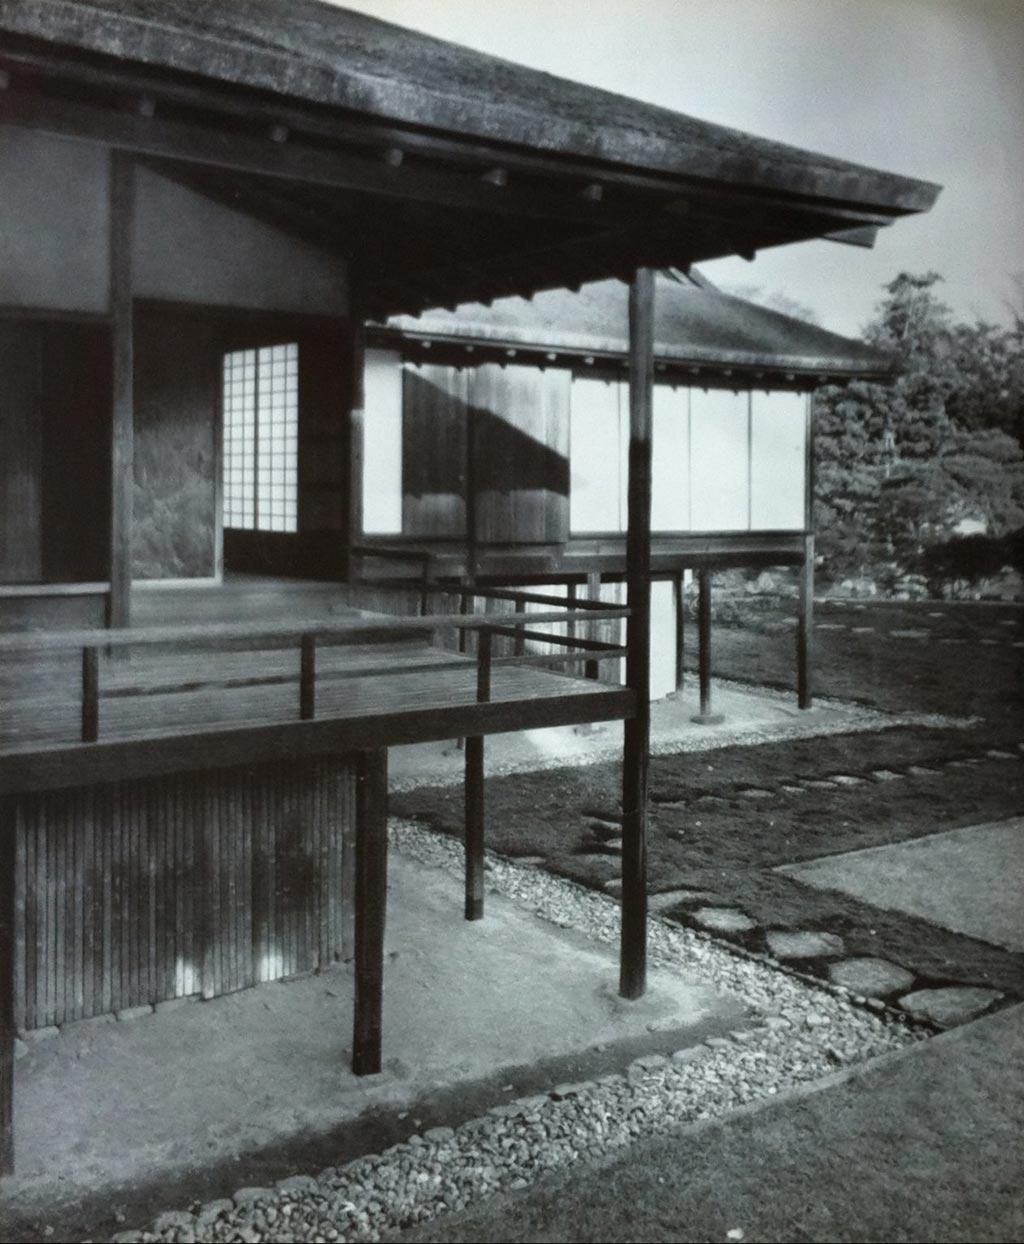 Katsura-yasuhiro-ishimoto-19